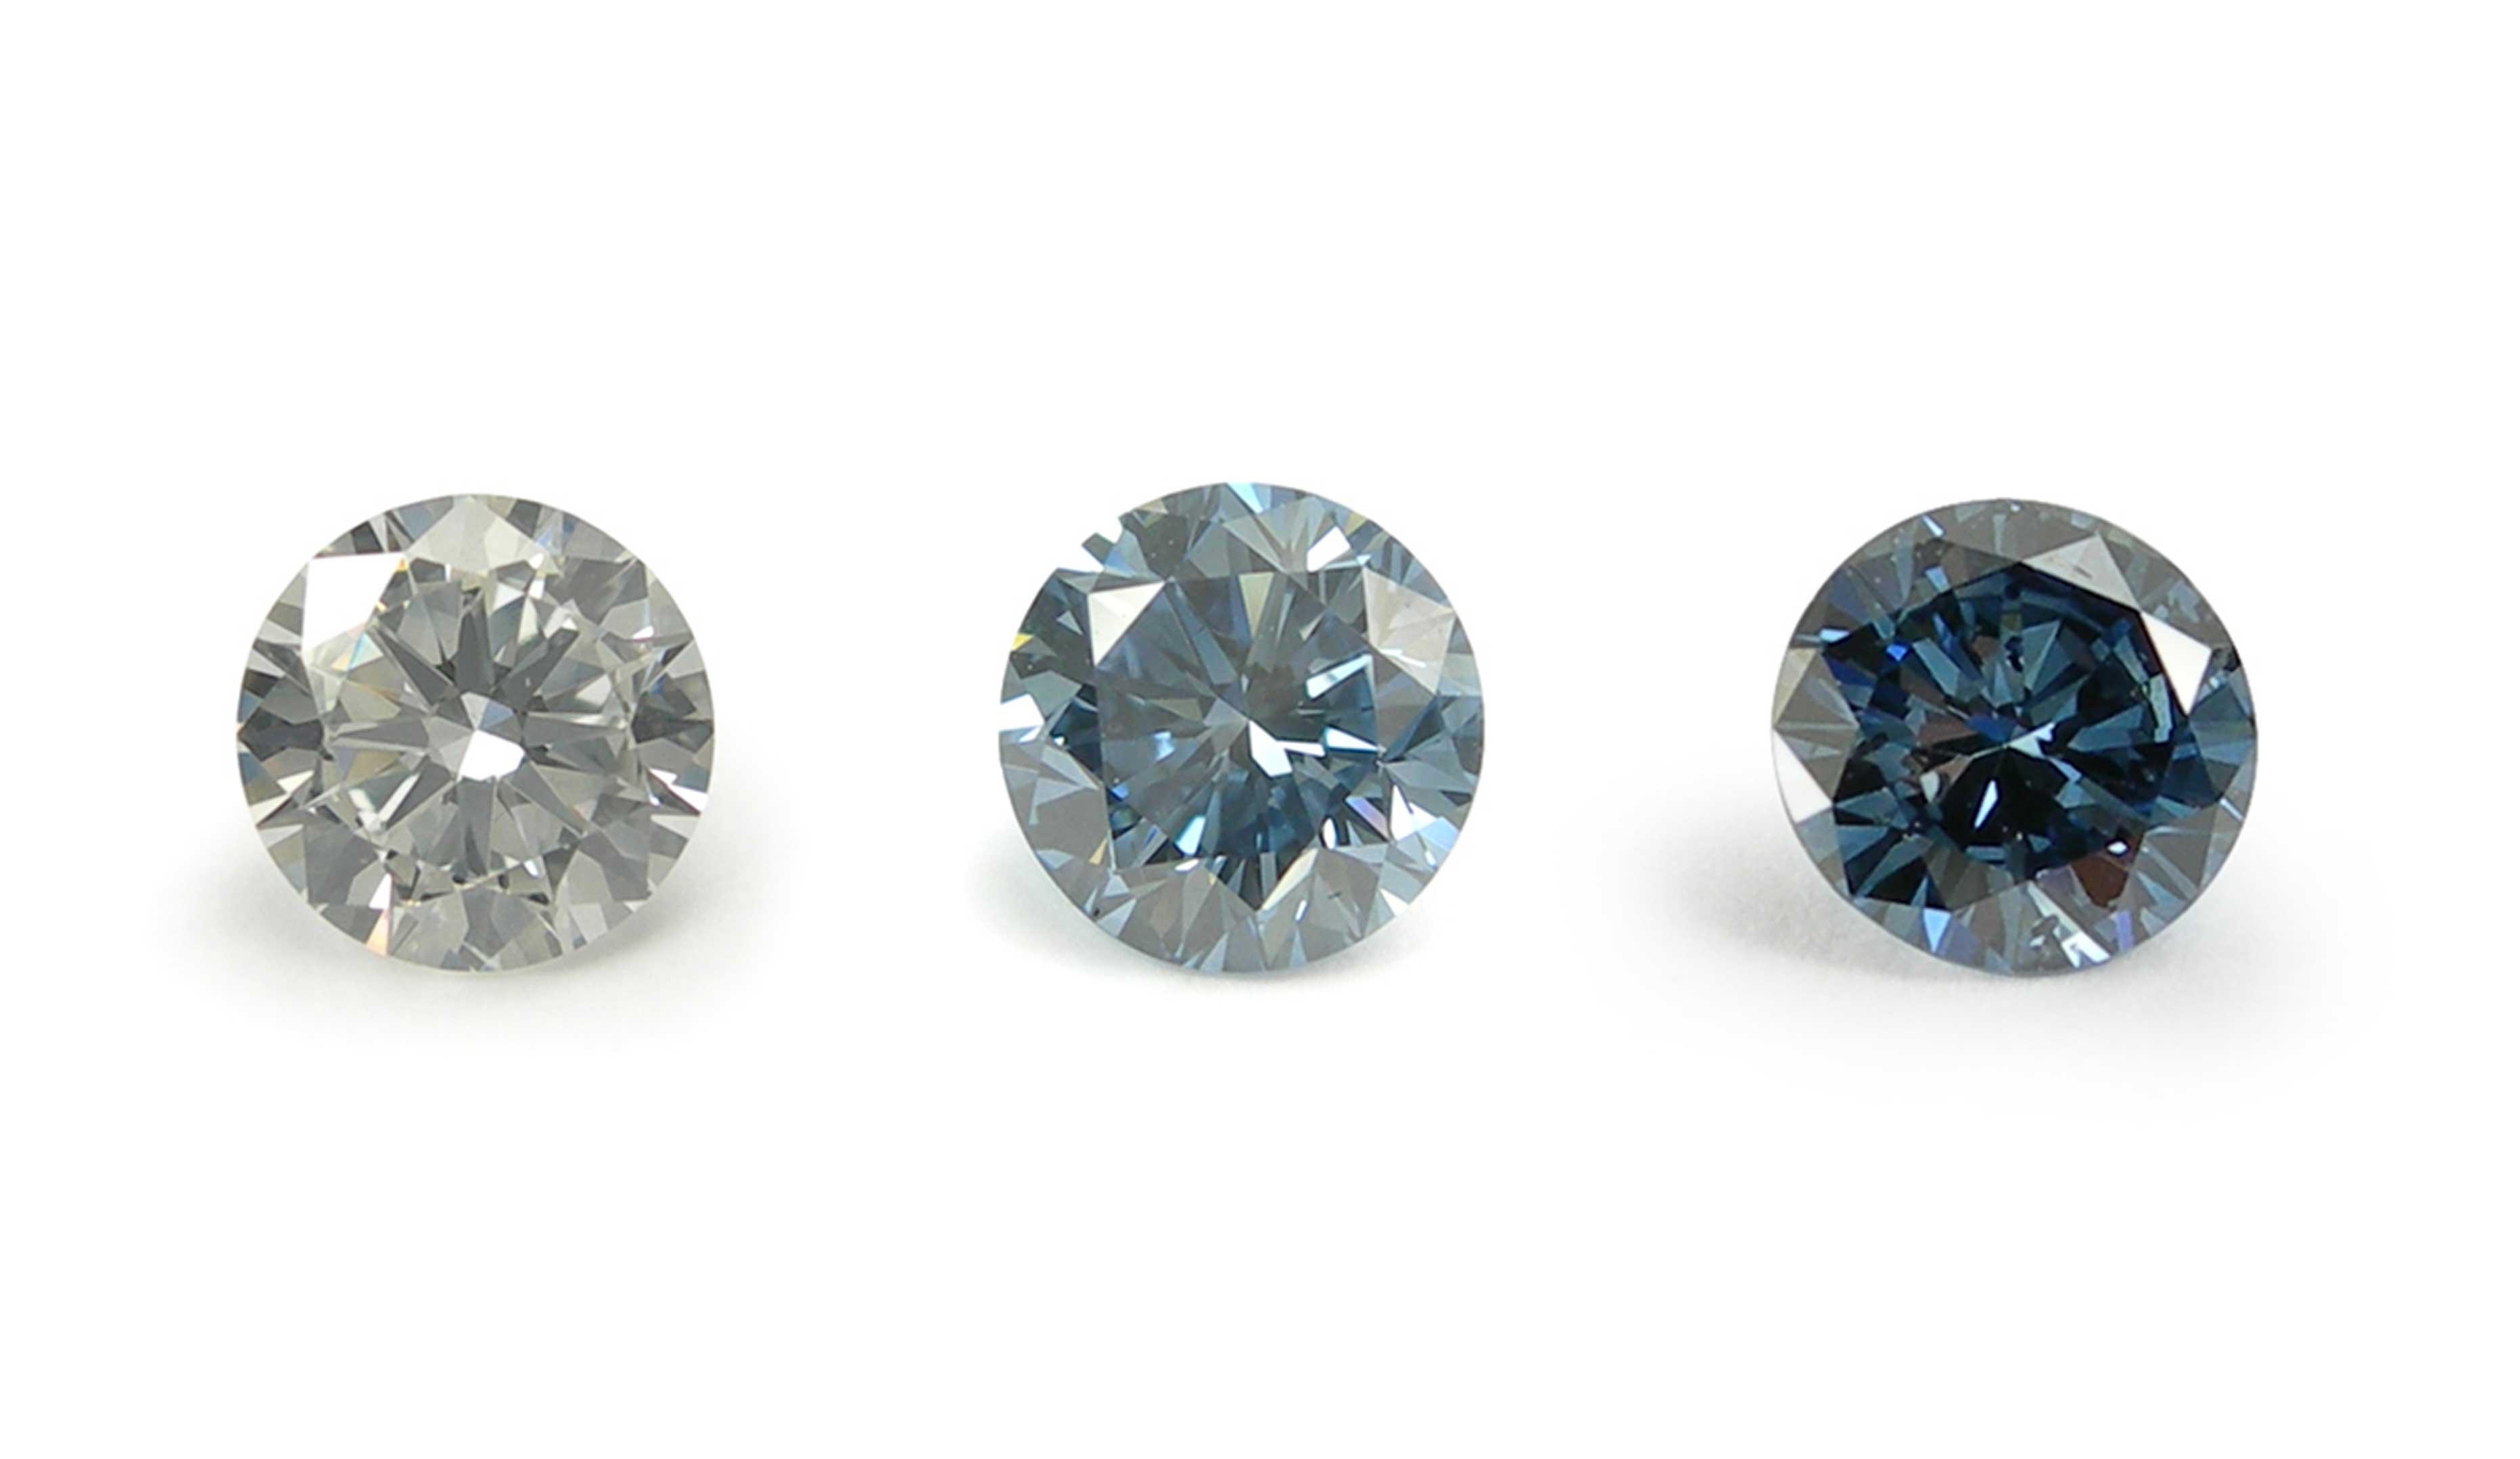 無色、淡いブルー、ブルー3色のメモリアル・ダイヤモンドの画像